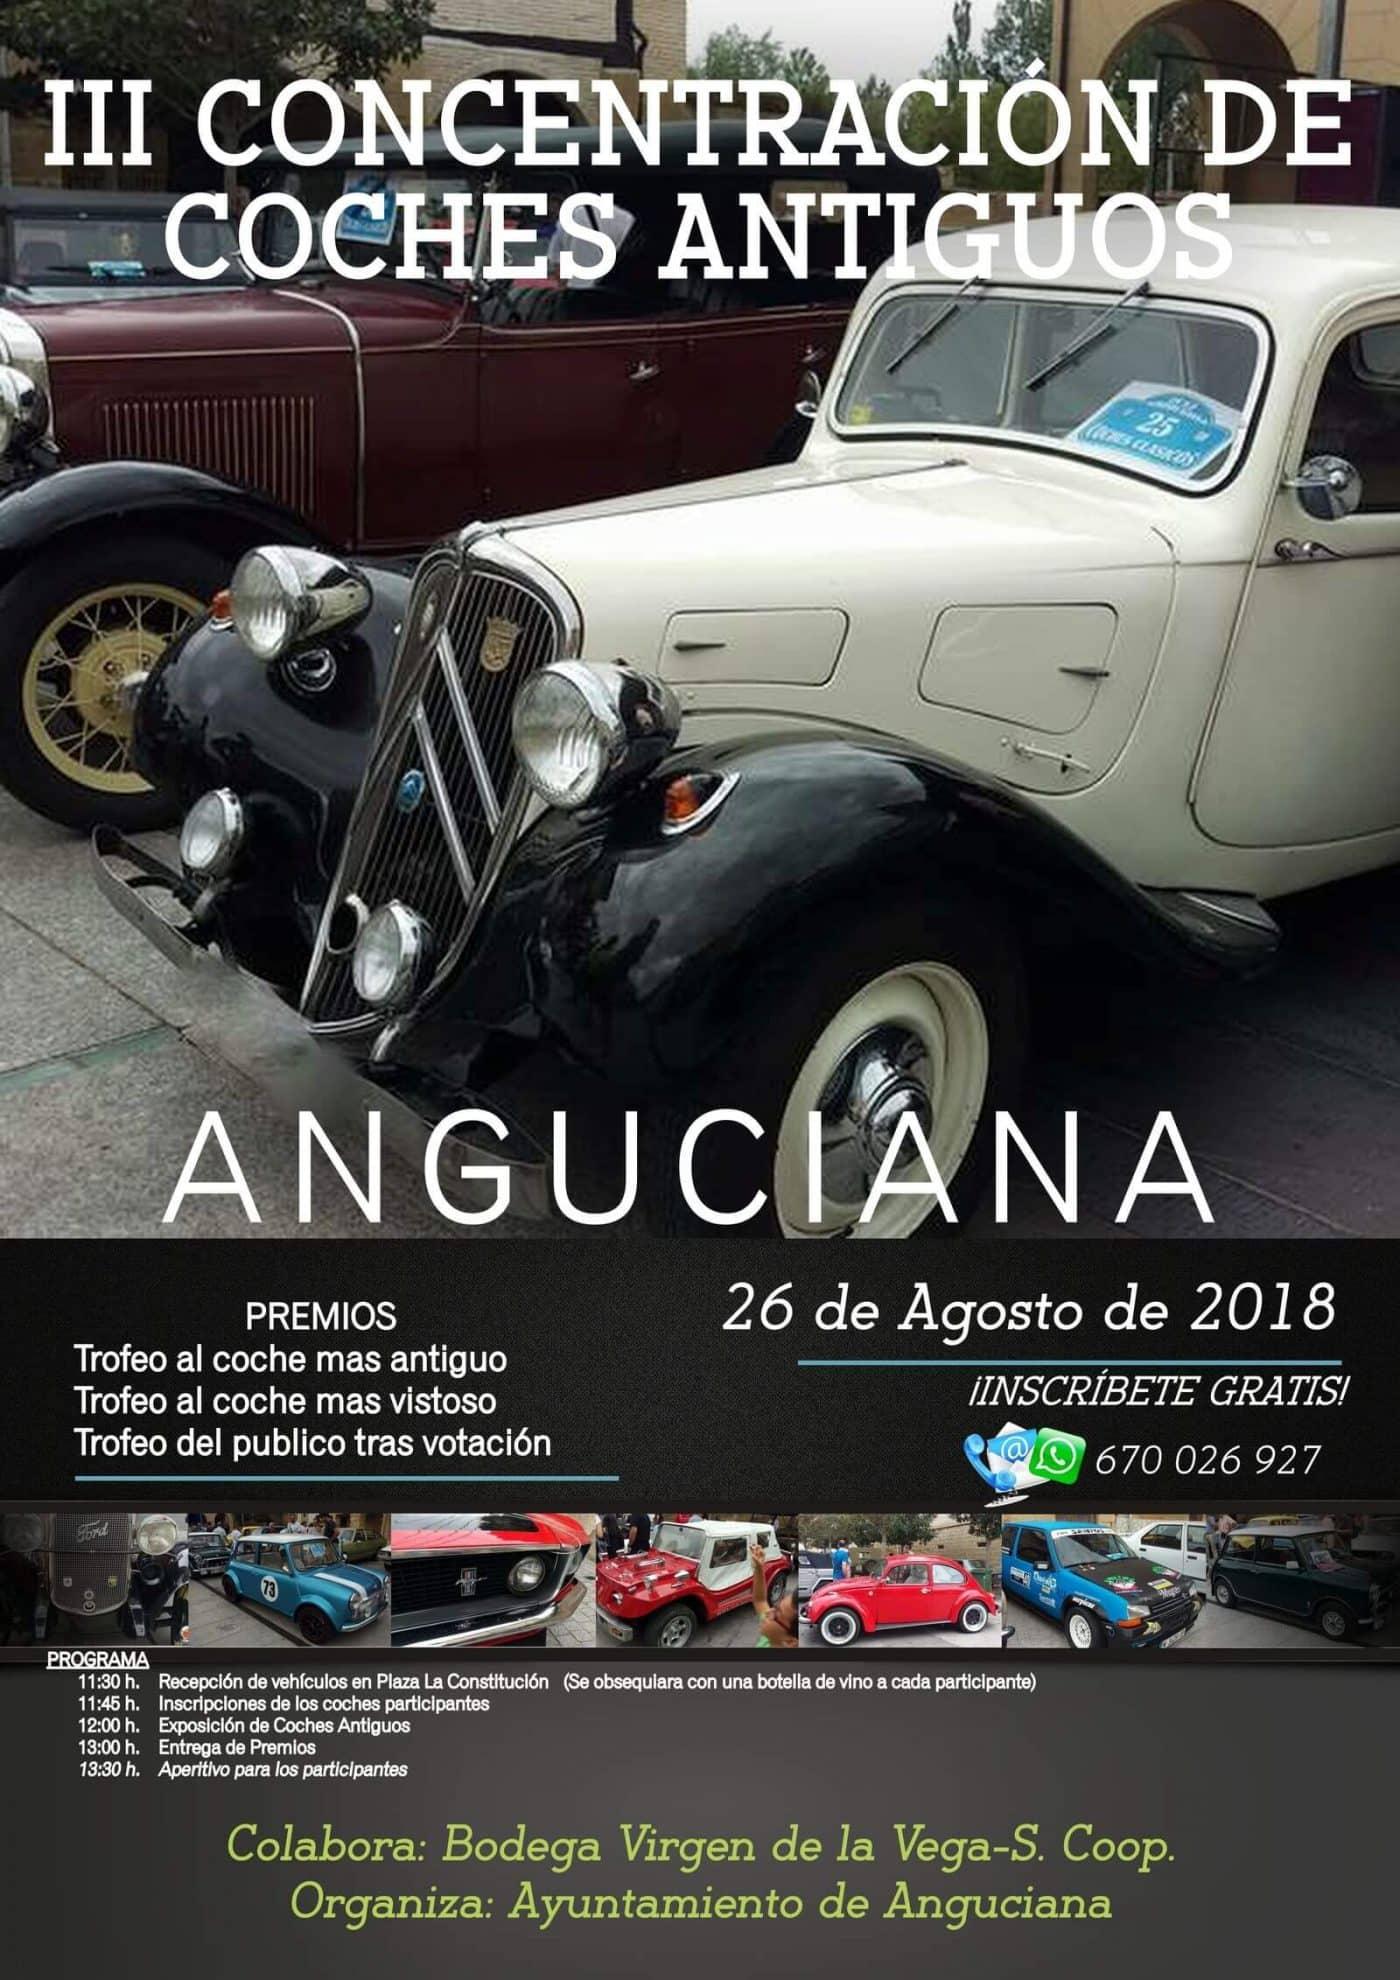 La III Concentración de Coches Antiguos de Anguciana se celebrará el próximo 26 de agosto 1